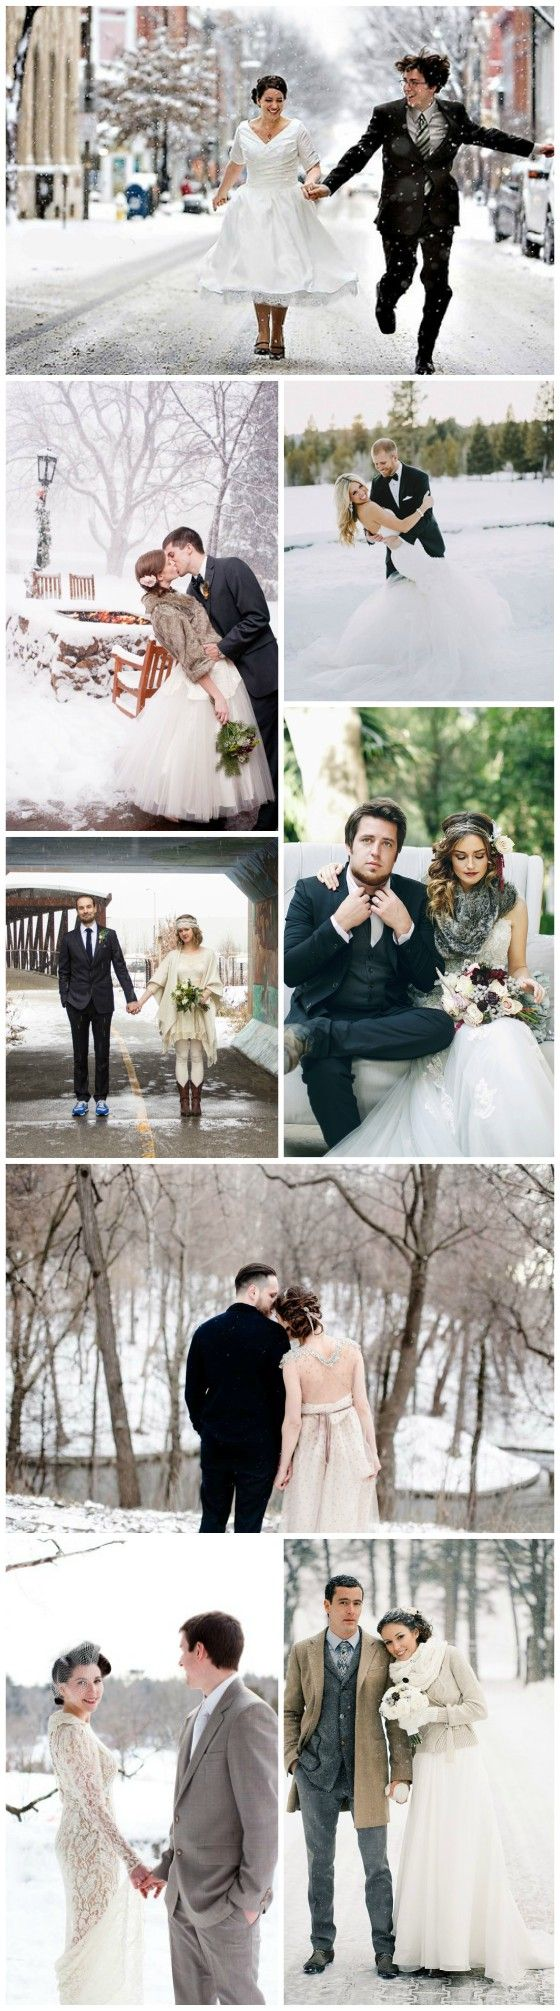 19 besten Winter Wedding Bilder auf Pinterest | Winterhochzeit ...